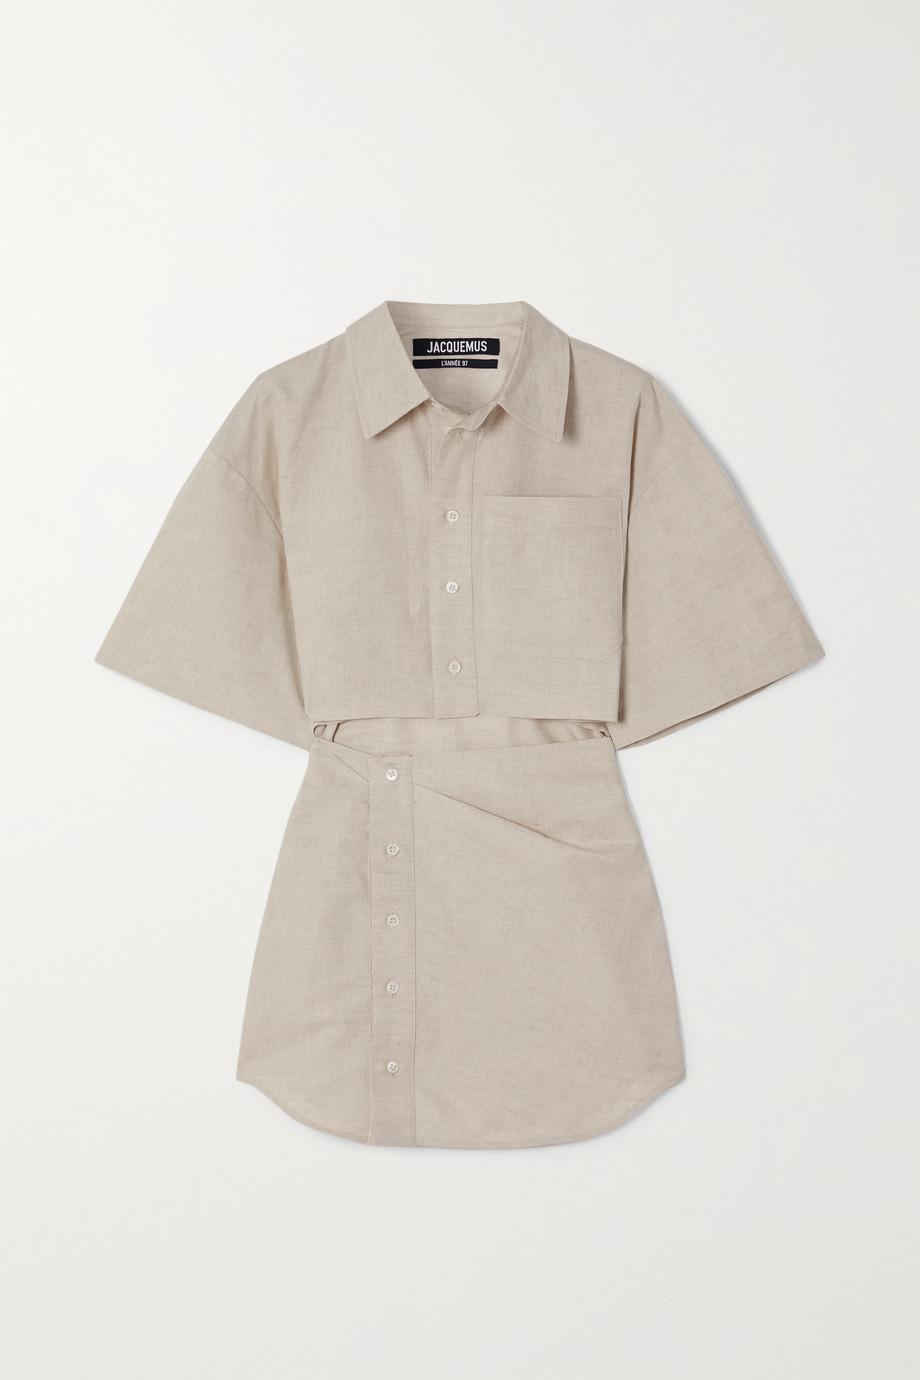 Jacquemus Mini-robe-chemise en coton et lin mélangés à découpes Arles